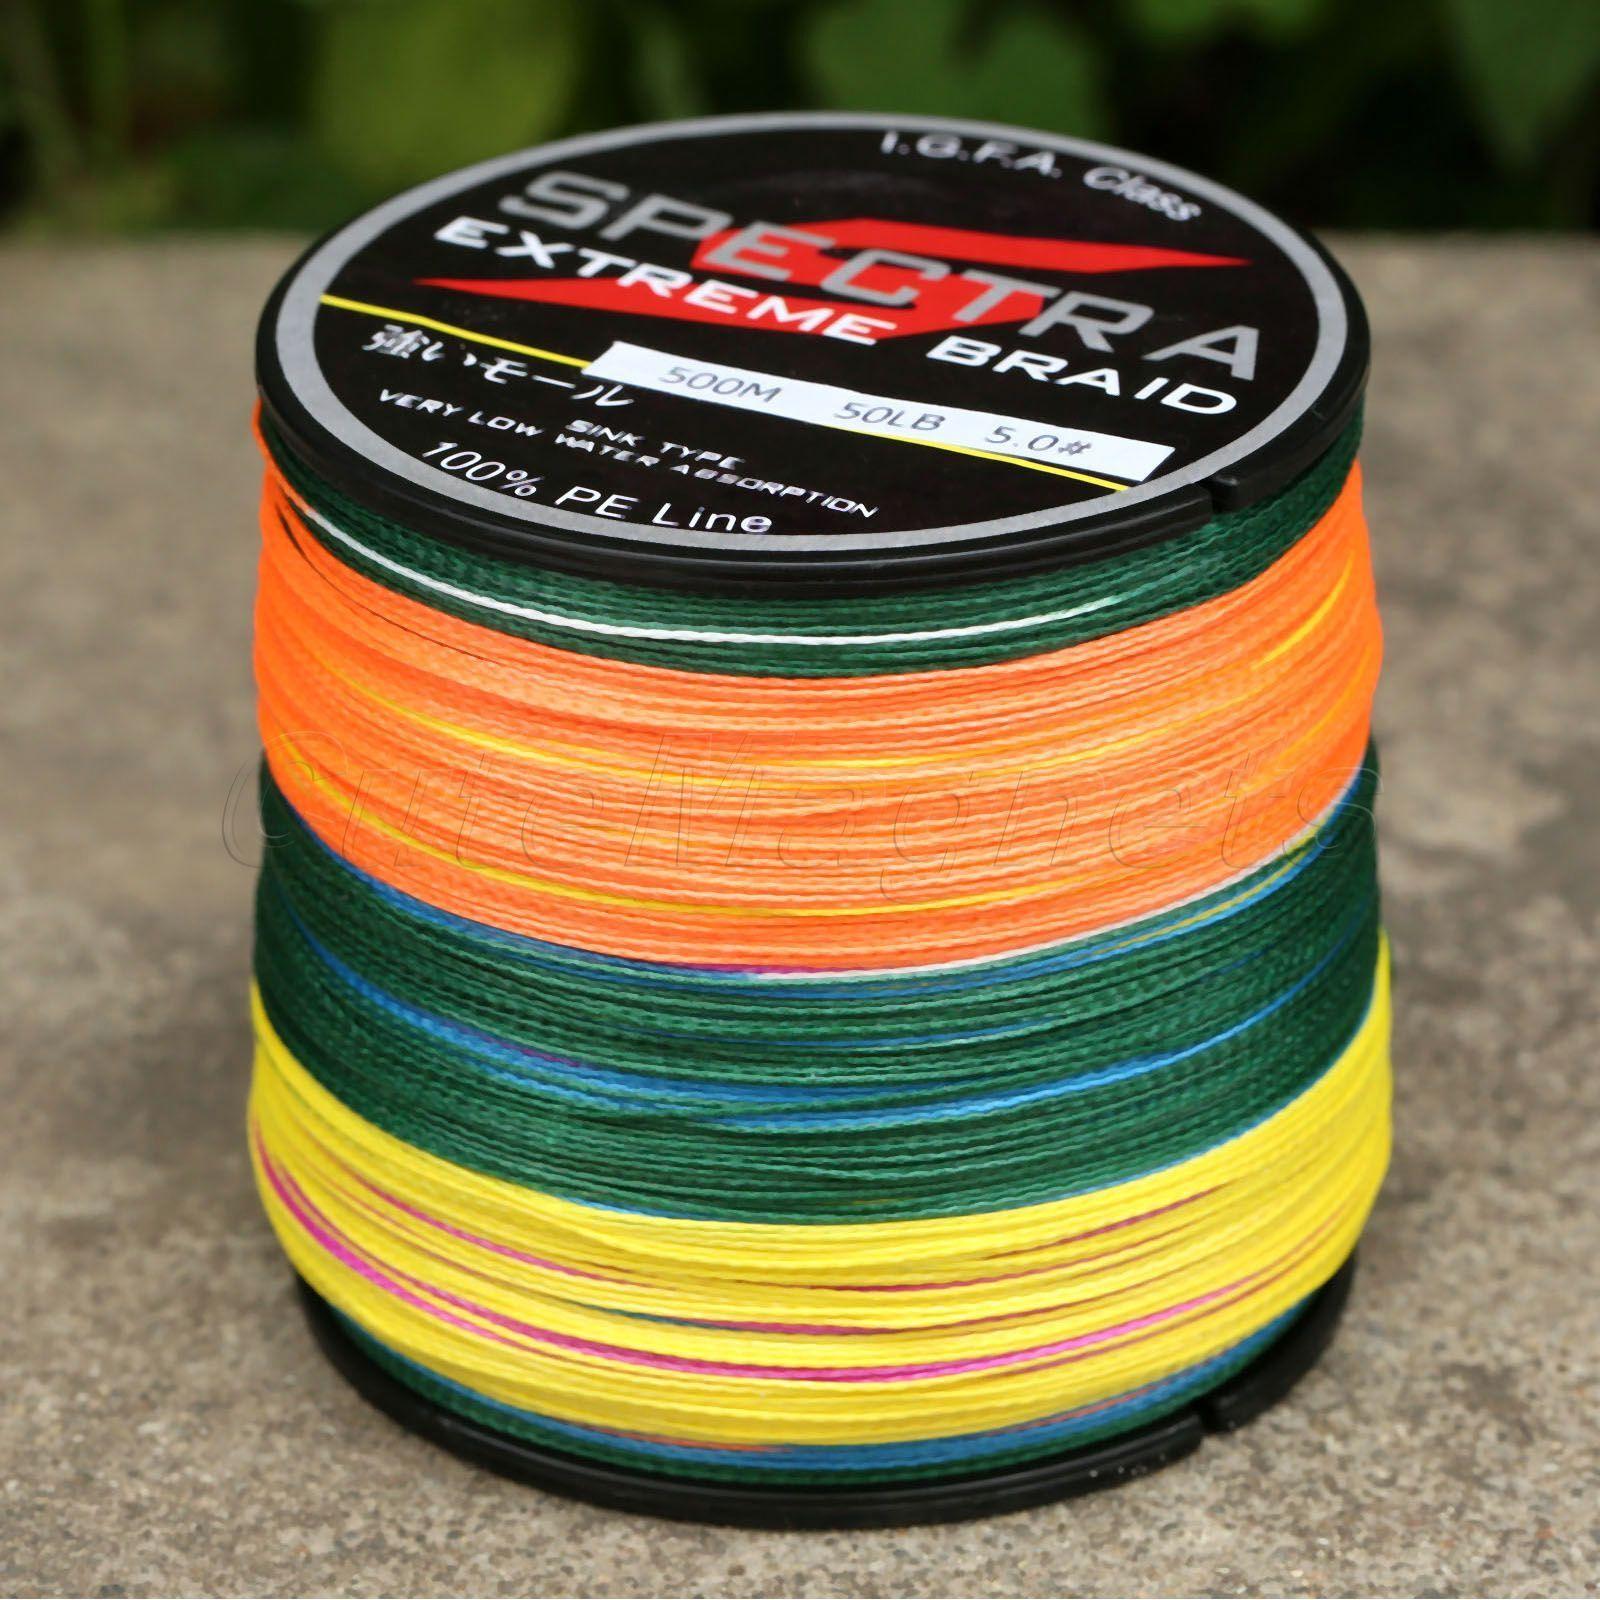 300/500/1000M 300/500/1000M 300/500/1000M 4 fili Intrecciato Lenza da pesca bianco verde fluorescente multicolor 6d3b51